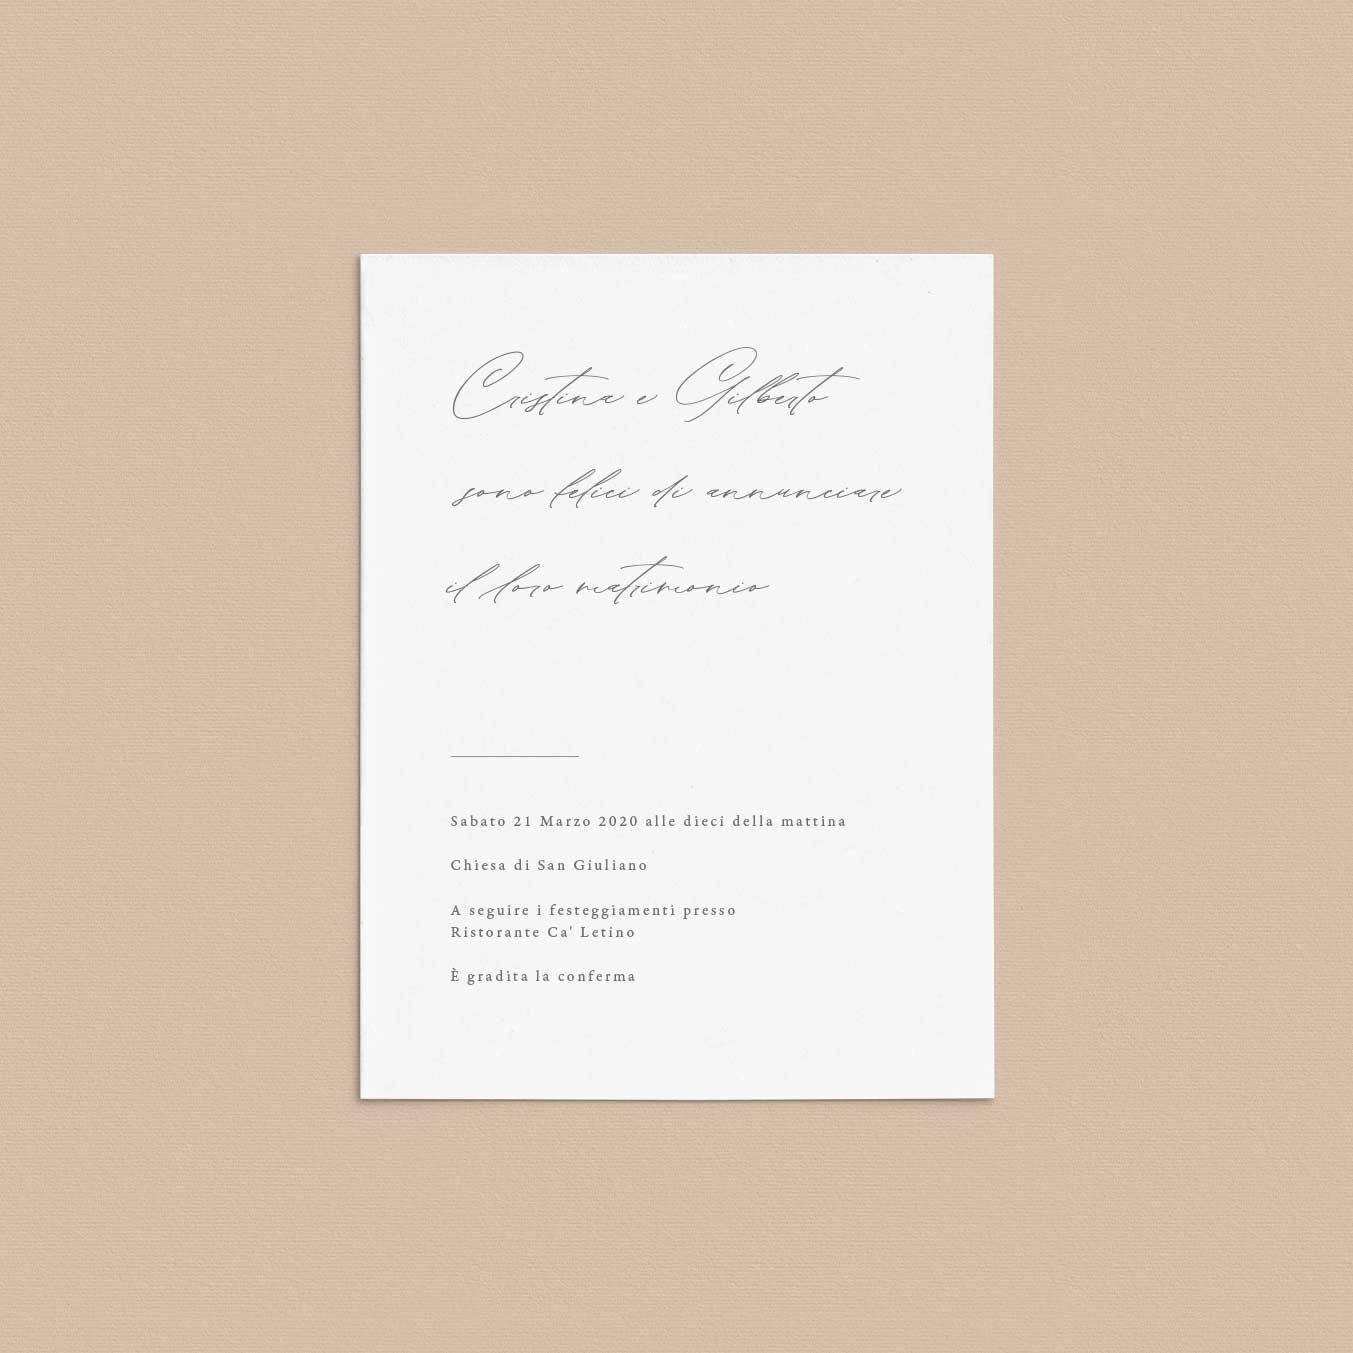 Partecipazioni-inviti-calligrafico-corsivo-scritti-a-mano-semplice-boho-moderno-online